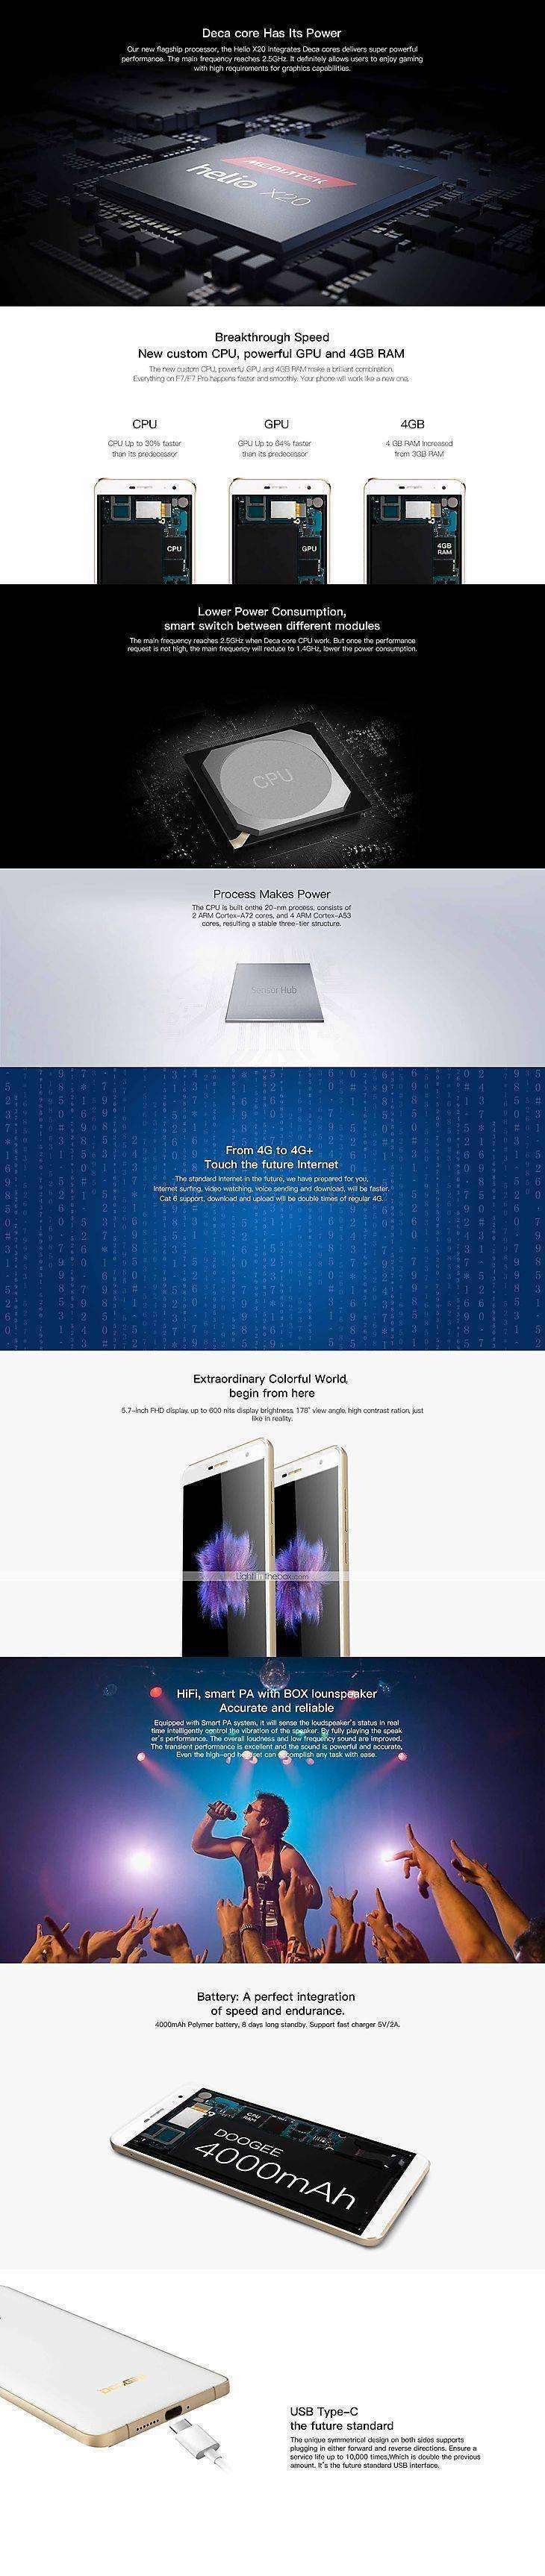 Lightinthebox: В магазине LightInTheBox открыт предзаказ на DOOGEE F7Pro, скидка 30$ и эксклюзивные подарки